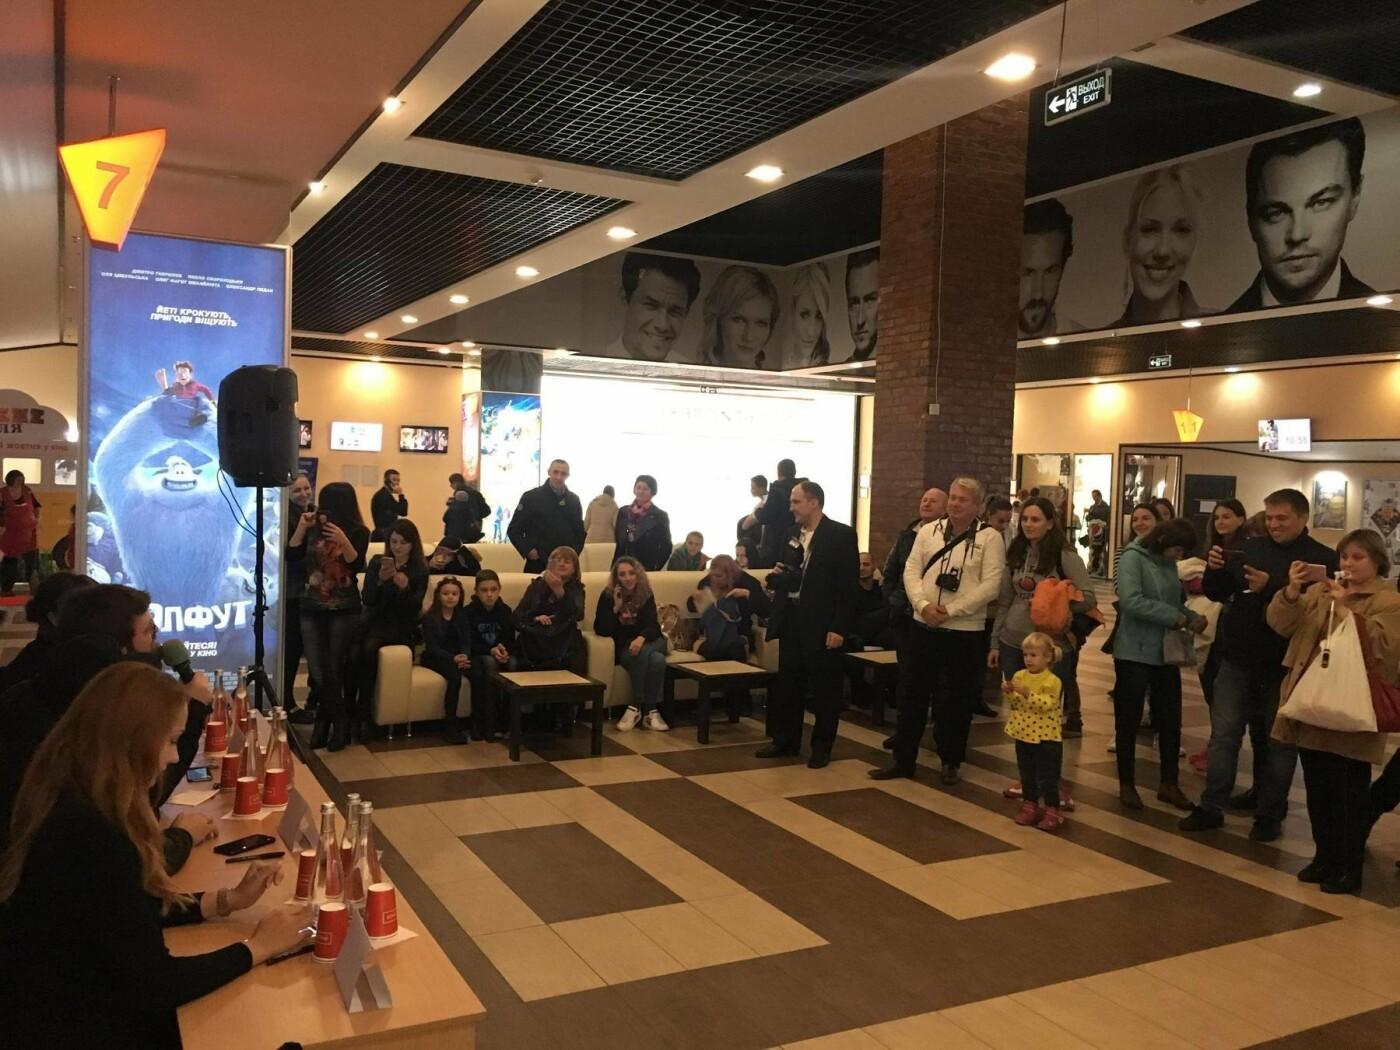 В Днепре прошла фан-встреча и автограф-сессия с украинским музыкантом, - ФОТО, фото-6